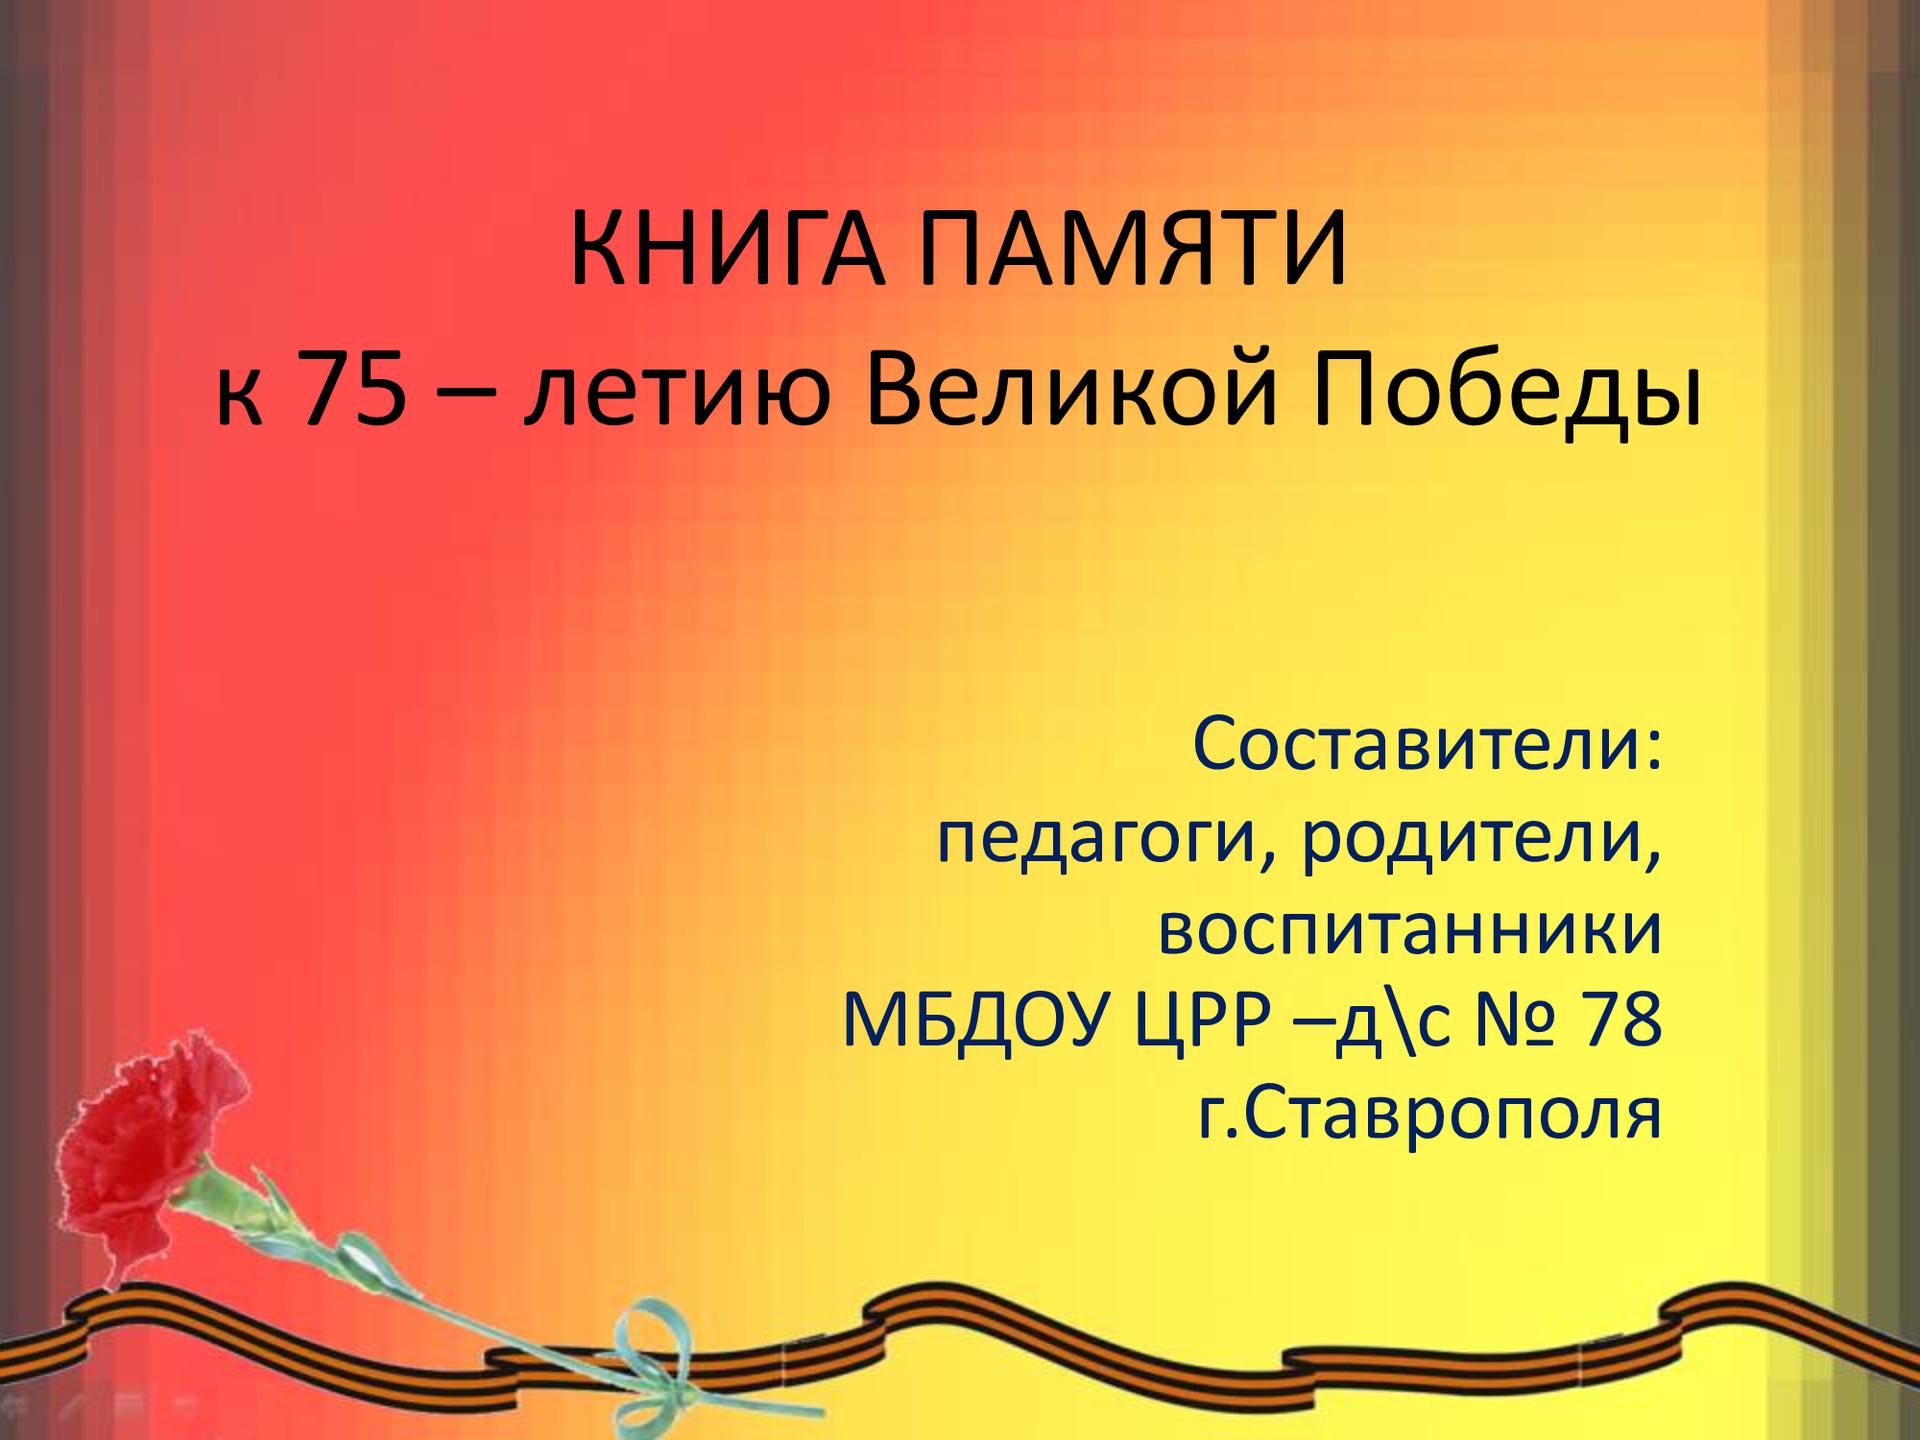 207ccf8ac9a111dc39e05c3b3fe139ba-0